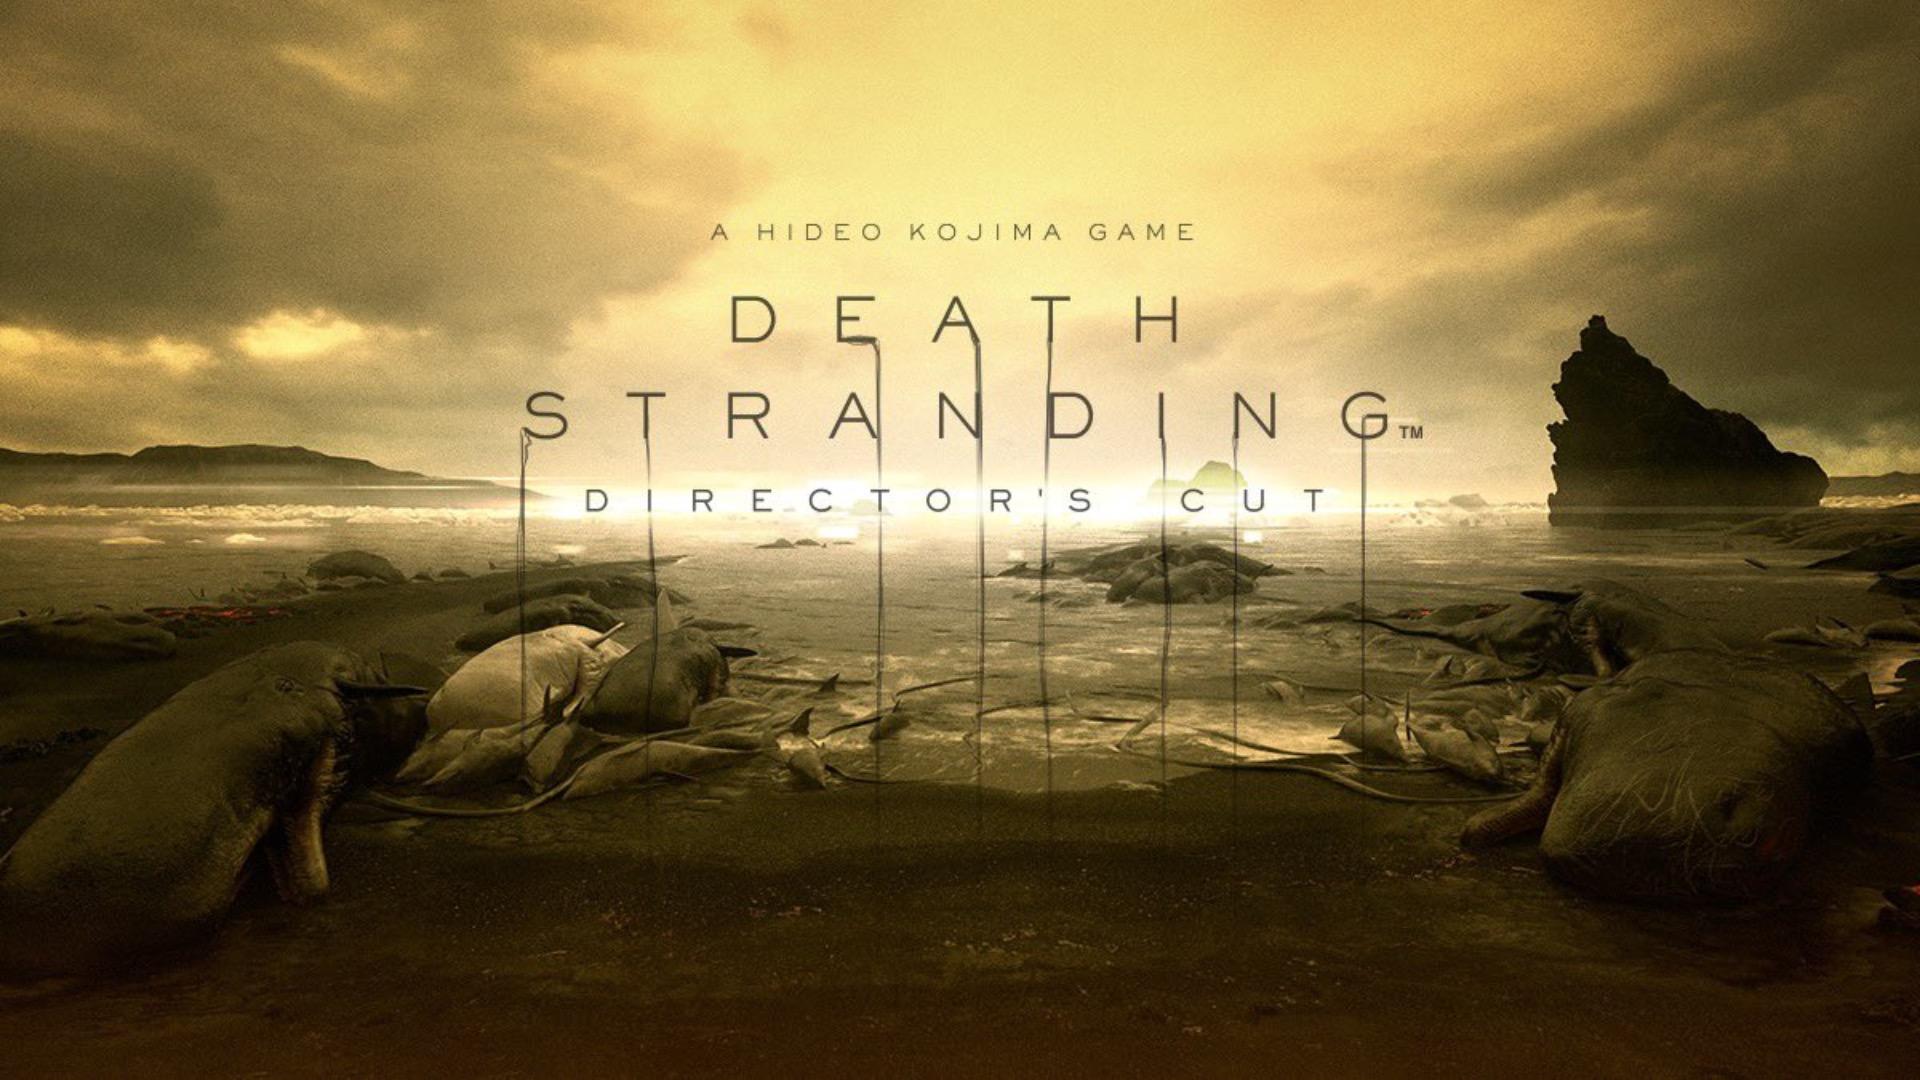 death stranding directors cut